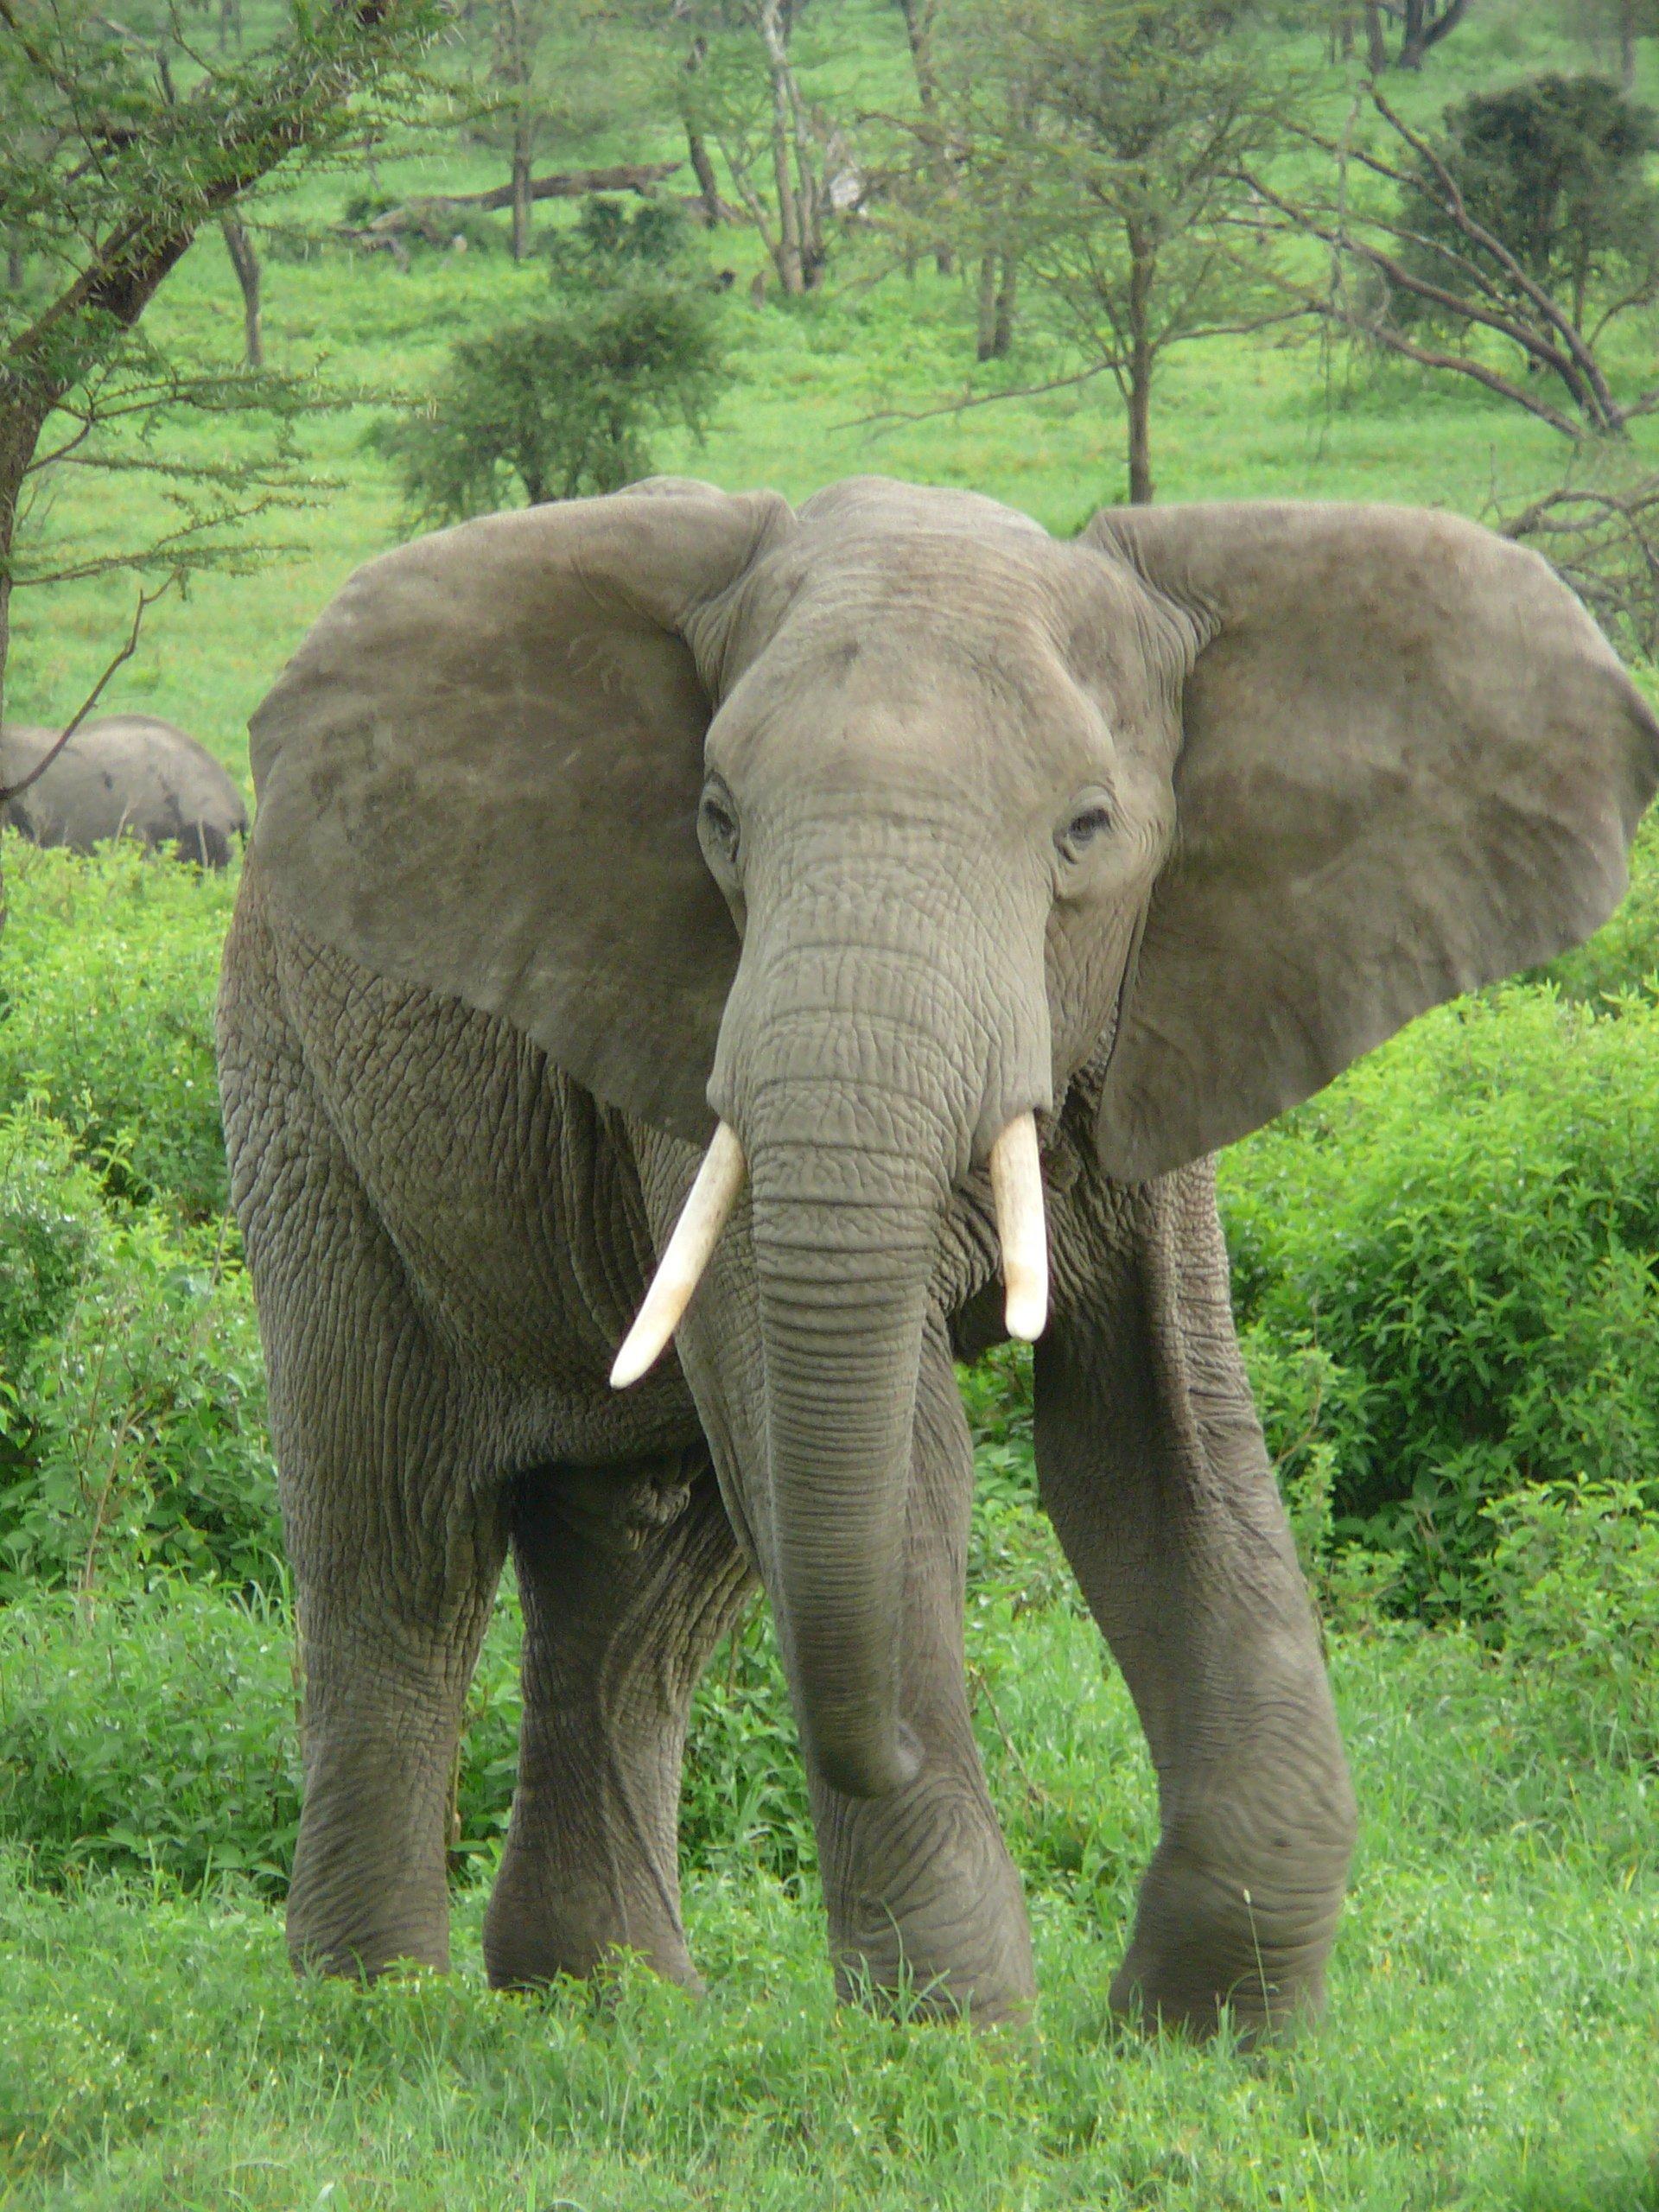 코끼리 - 위키백과, 우리 모두의 백과사전